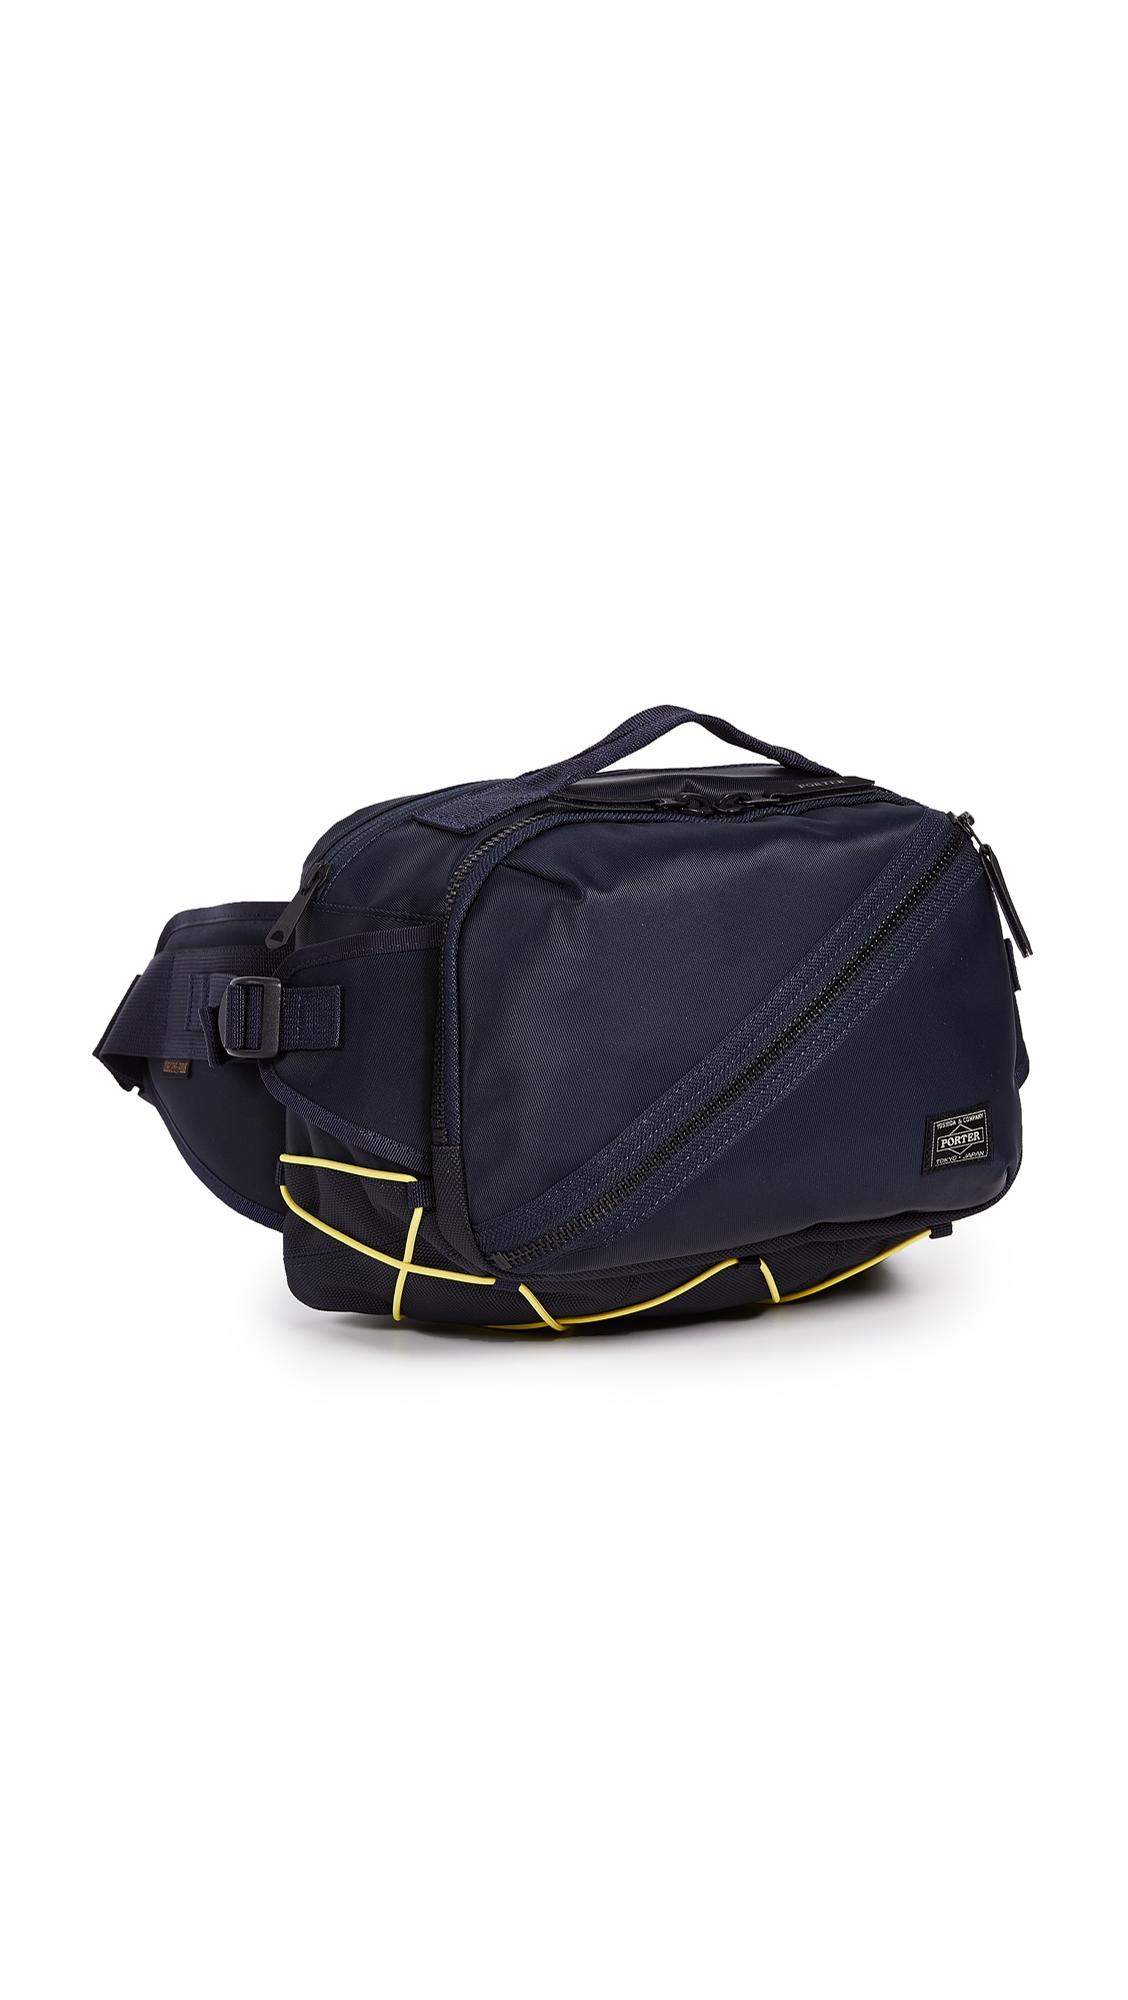 PORTER Things Waistpack in Navy